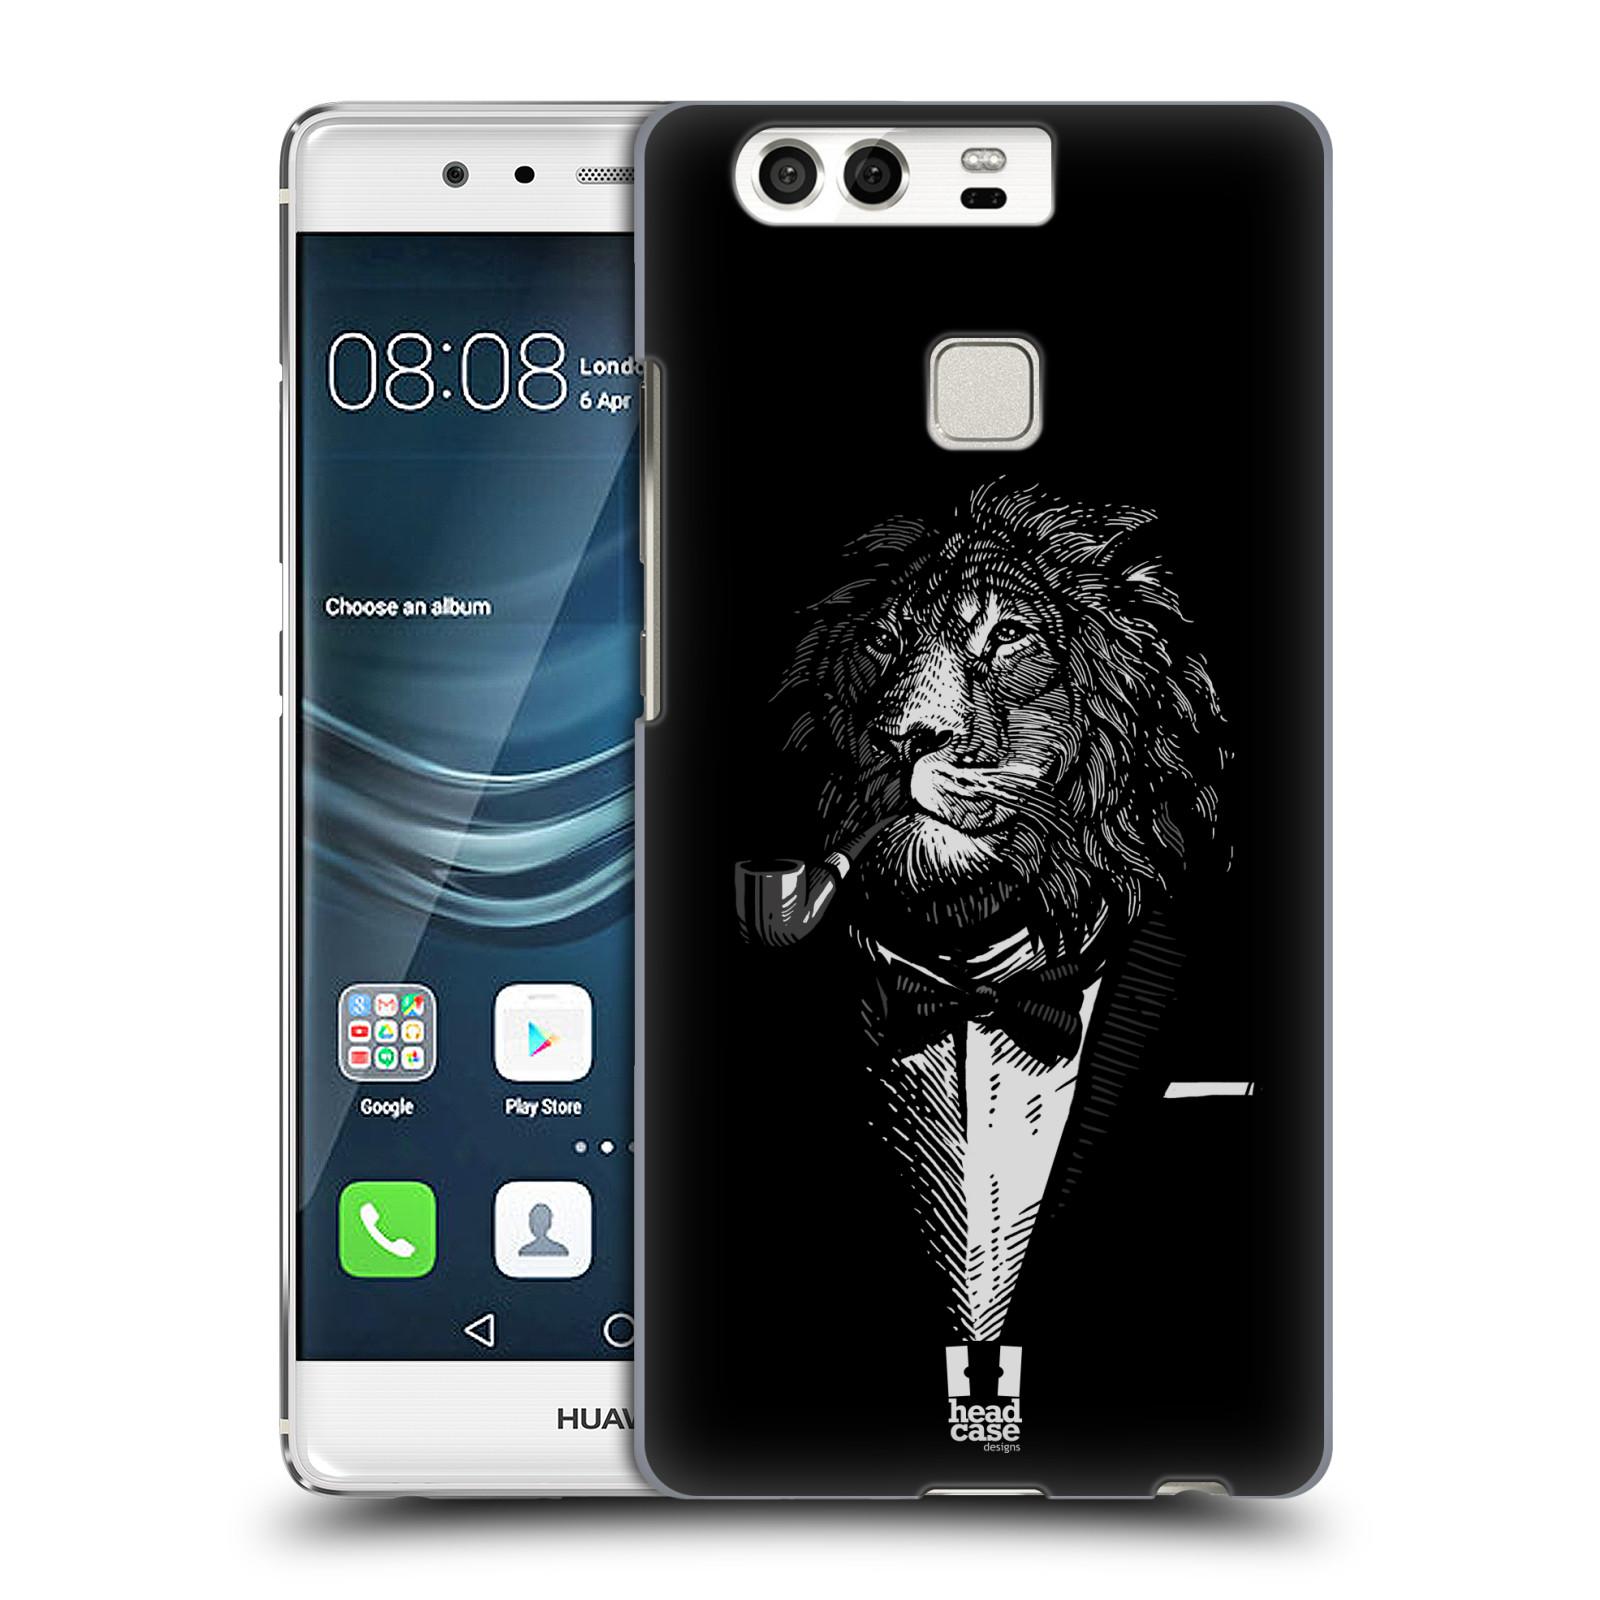 HEAD CASE plastový obal na mobil Huawei P9 / P9 DUAL SIM vzor Zvíře v obleku lev